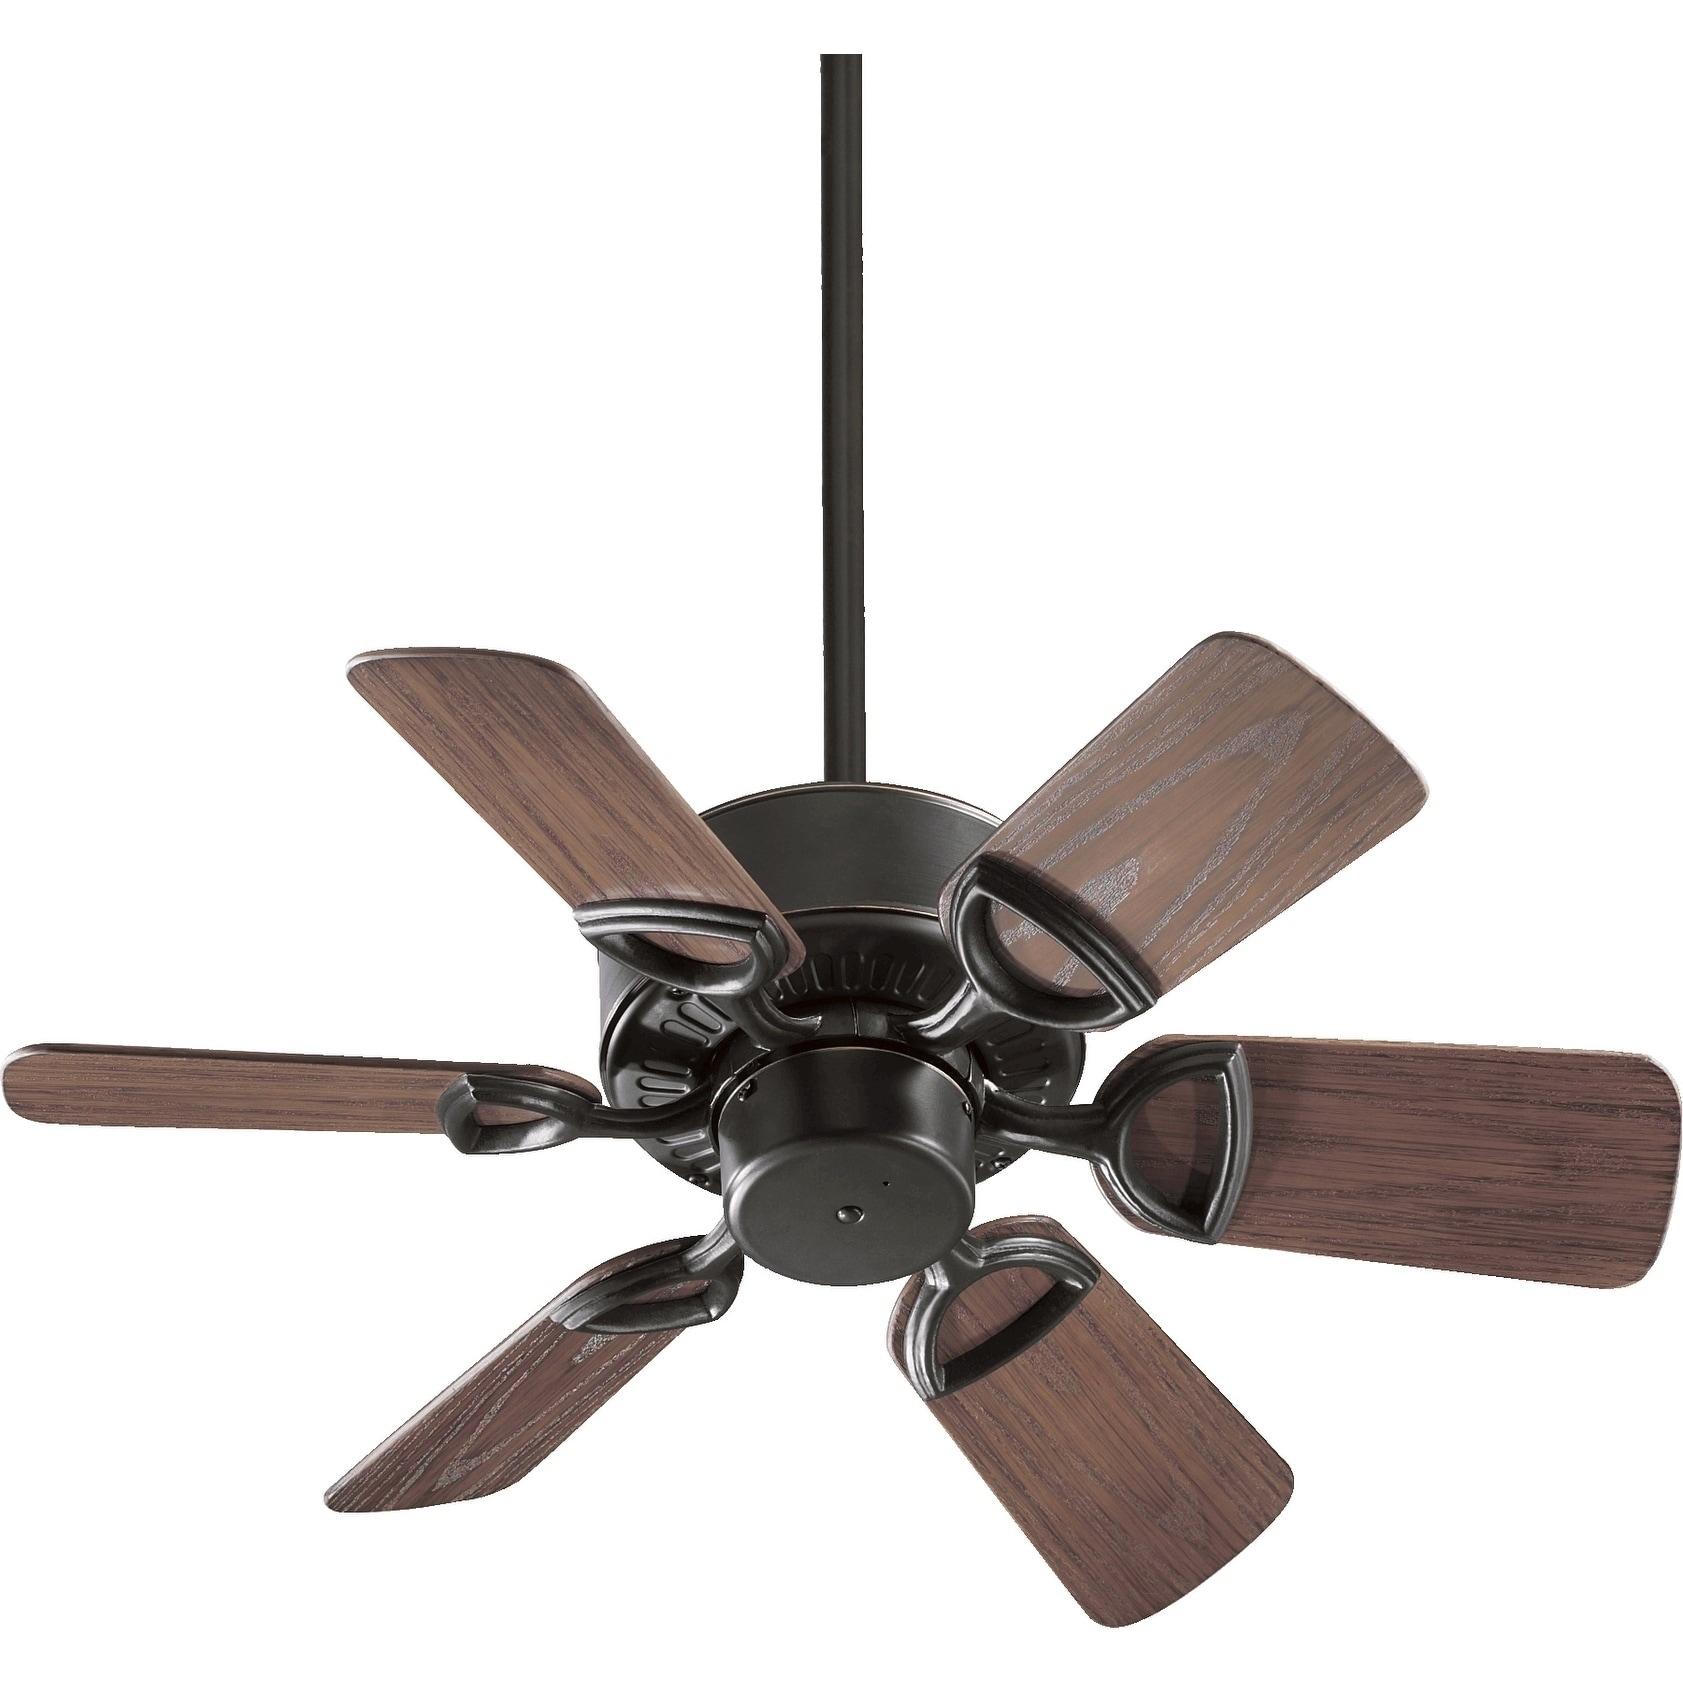 6 Wire Ceiling Fan Switch - Somurich.com